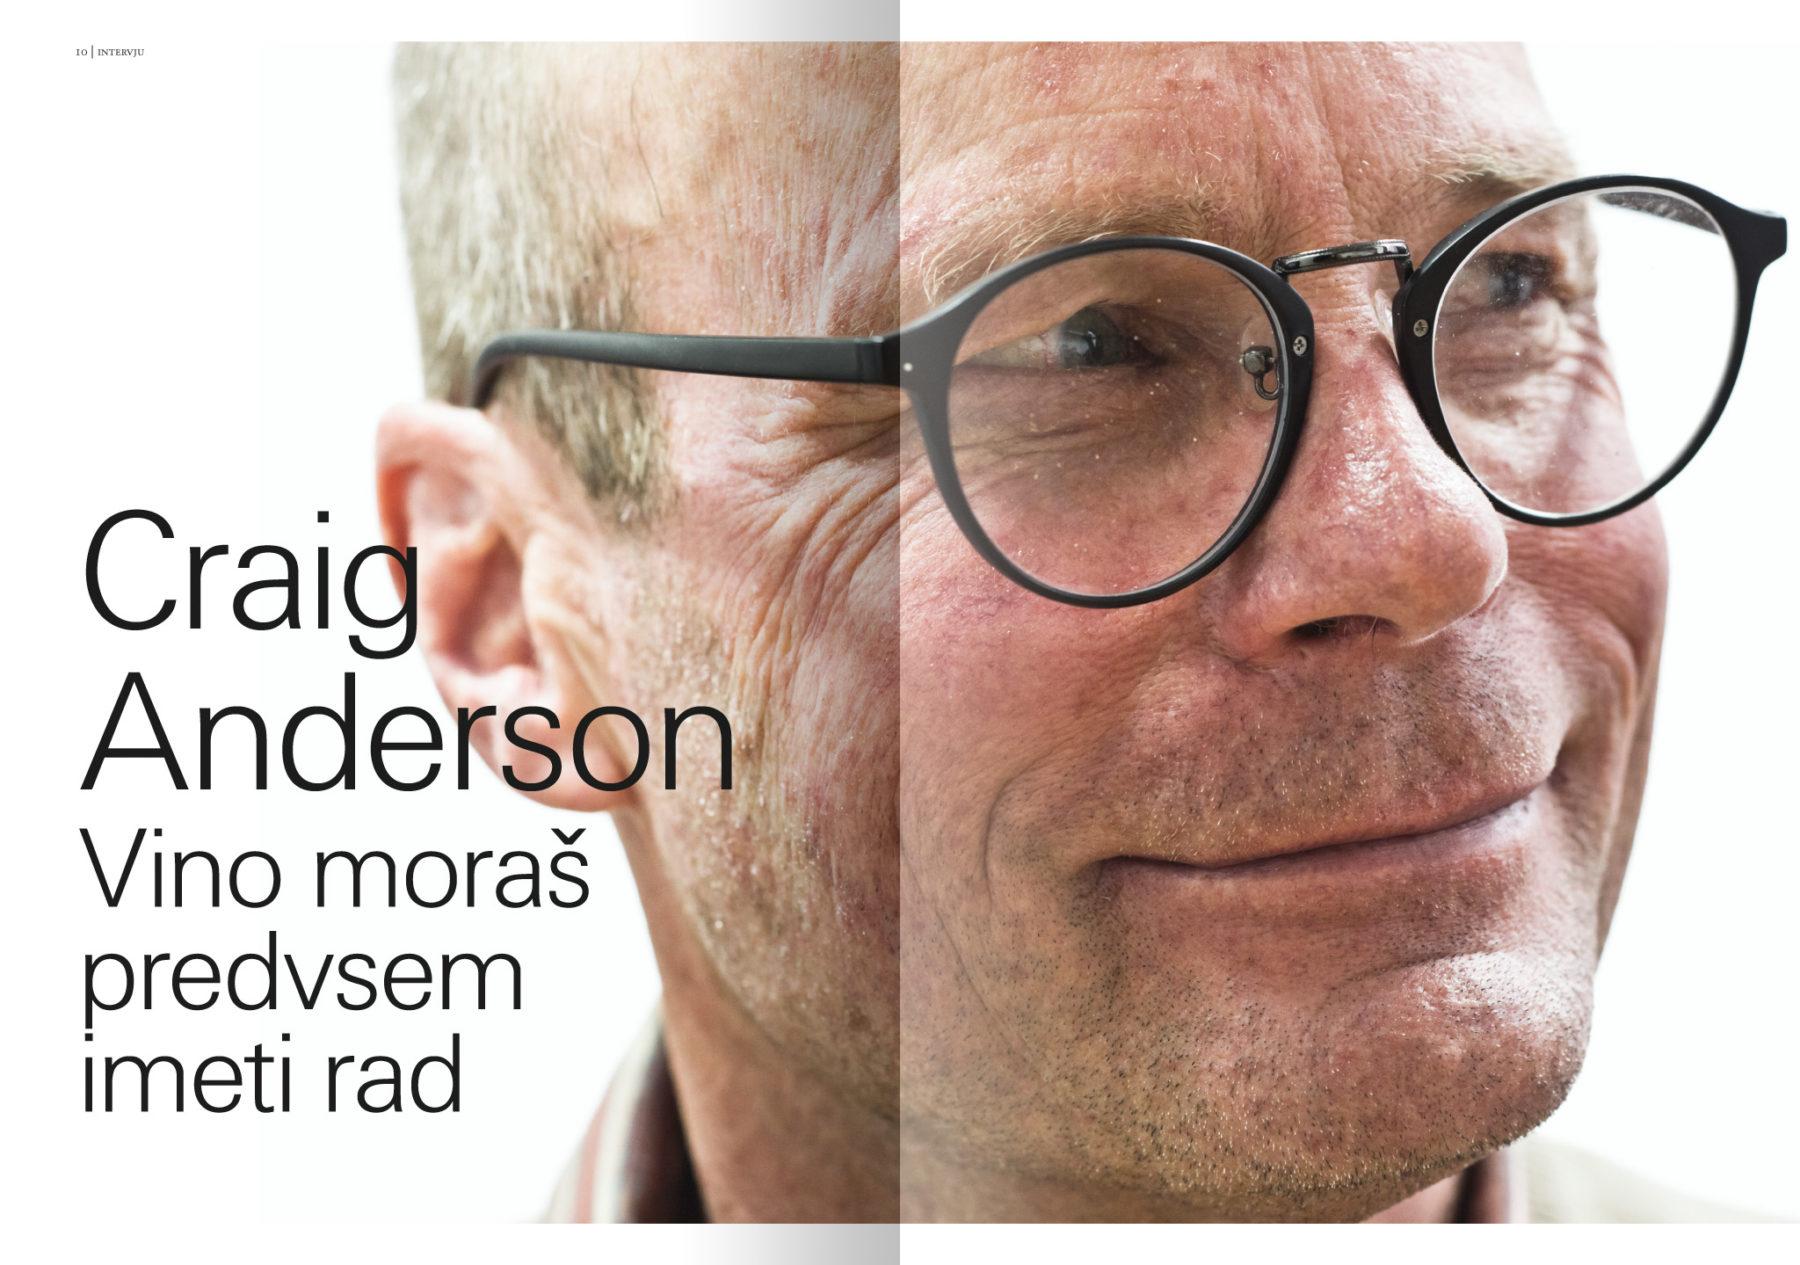 Revija Vino, zima 2016 strani 10 in 11 – uvodne strani članka Craig Anderson (intervju s Craigom Andersonom) · Naročnik: Revija Vino · Fotografija za članek: Marijan Močivnik · 2016 ·